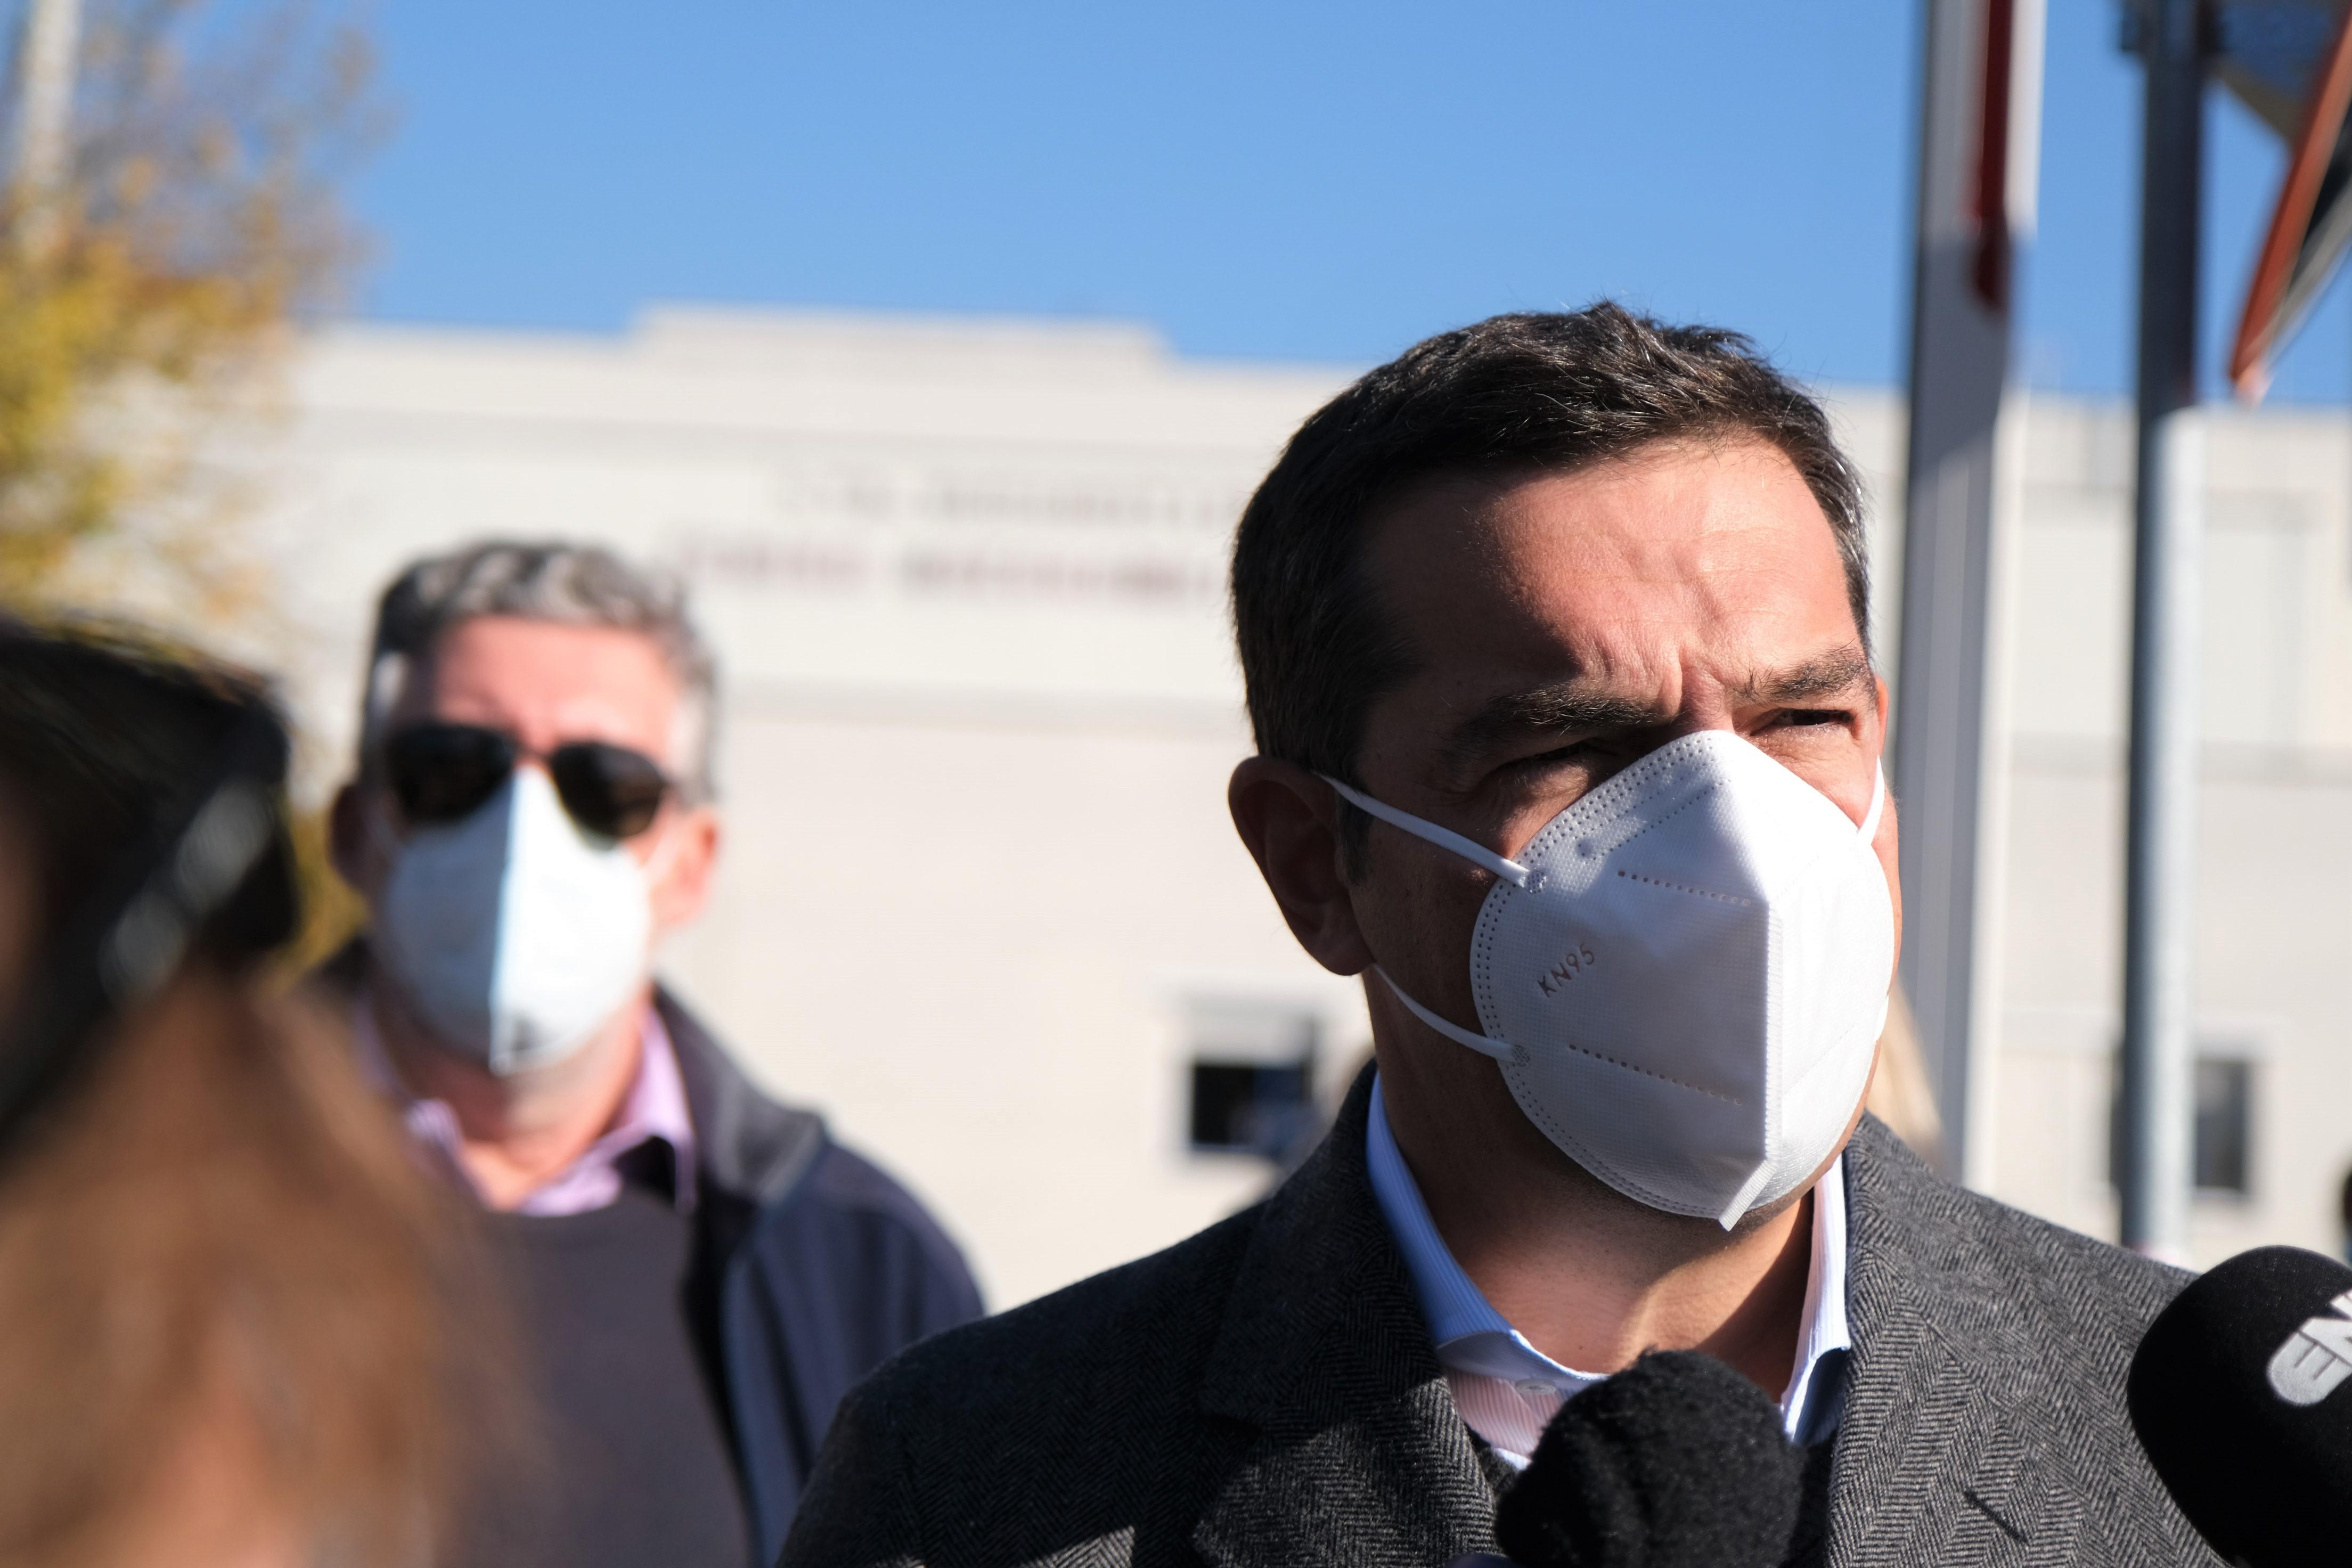 Αλέξης Τσίπρας: Σοκαριστικές οι περιγραφές των γιατρών από το Νοσοκομείο Δράμας (Βίντεο)